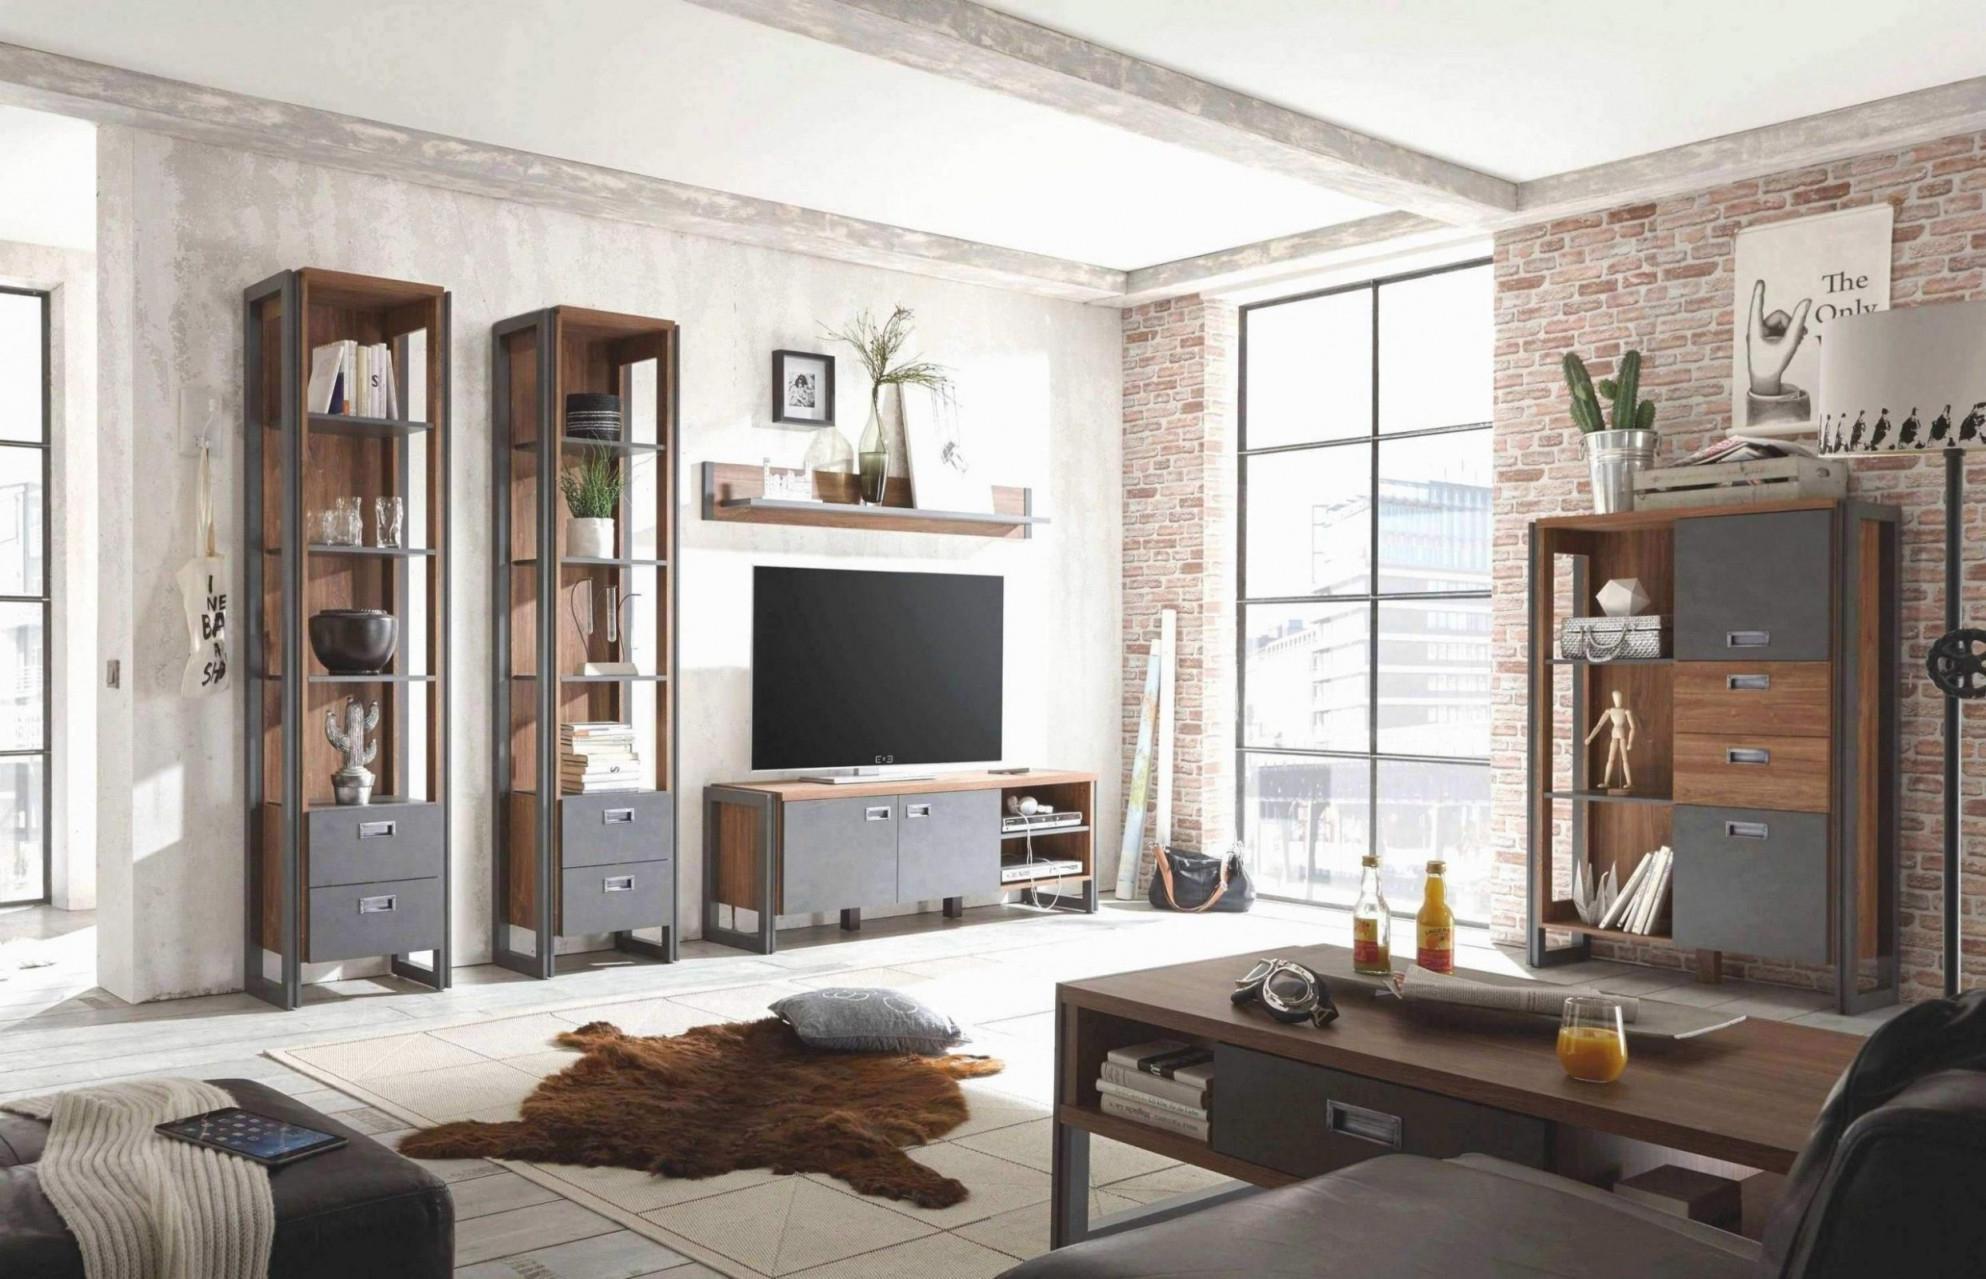 12 Wohnzimmer Ideen 25 Qm Wohnzimmerideen25Qm Check More At von Wohnzimmer 25 Qm Einrichten Bild